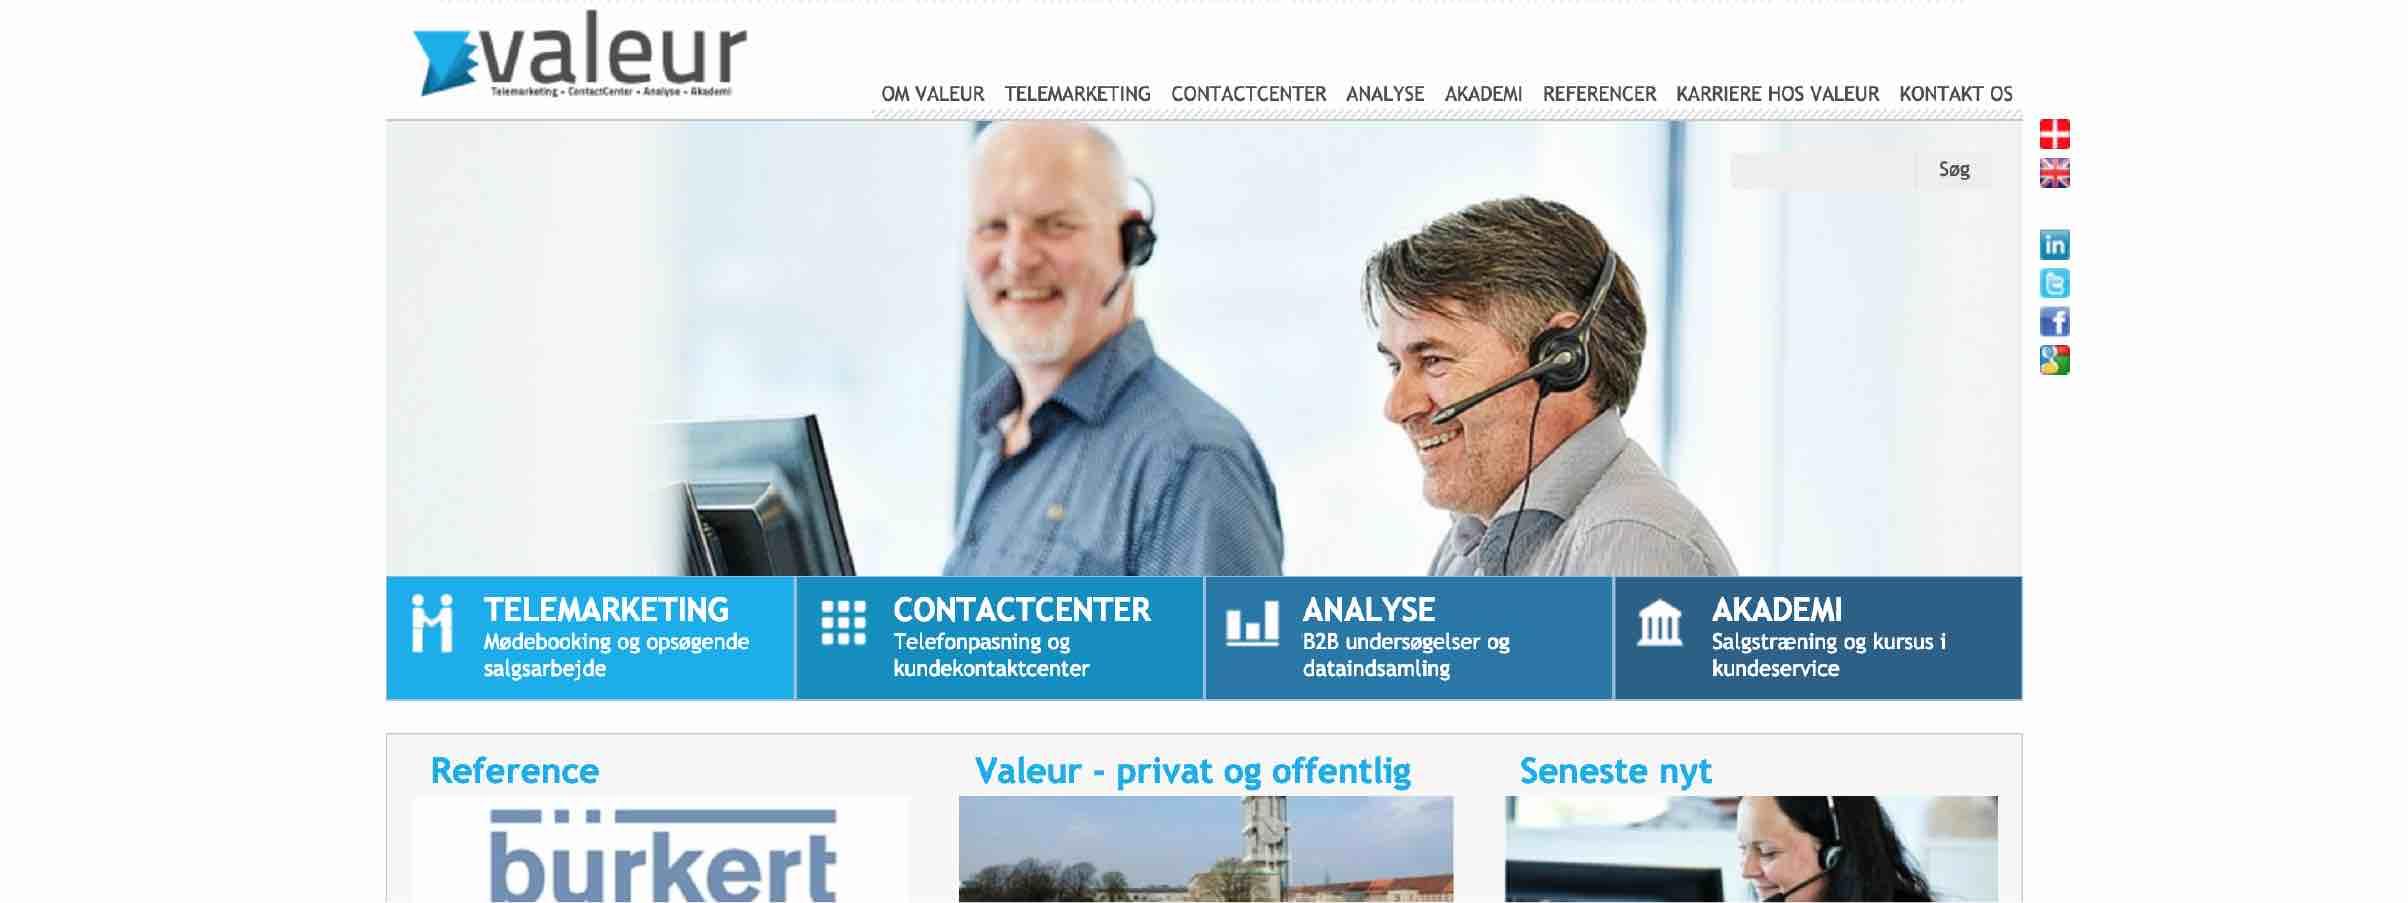 Valeurs hjemmeside fra 2011.